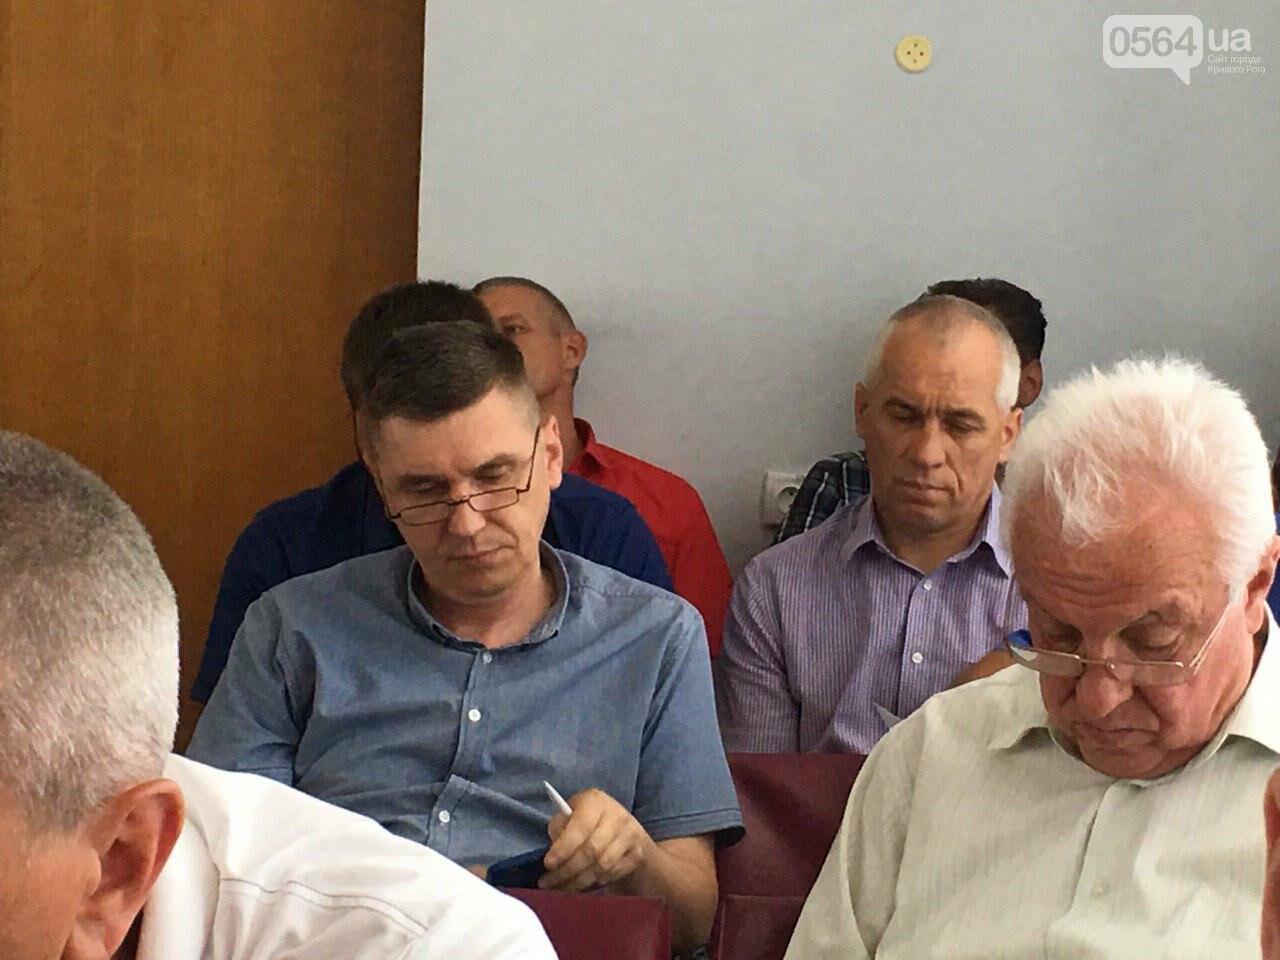 Криворожское КП пытается подготовится к отопительному сезону, несмотря на долг в полмиллиарда, - ФОТО , фото-6